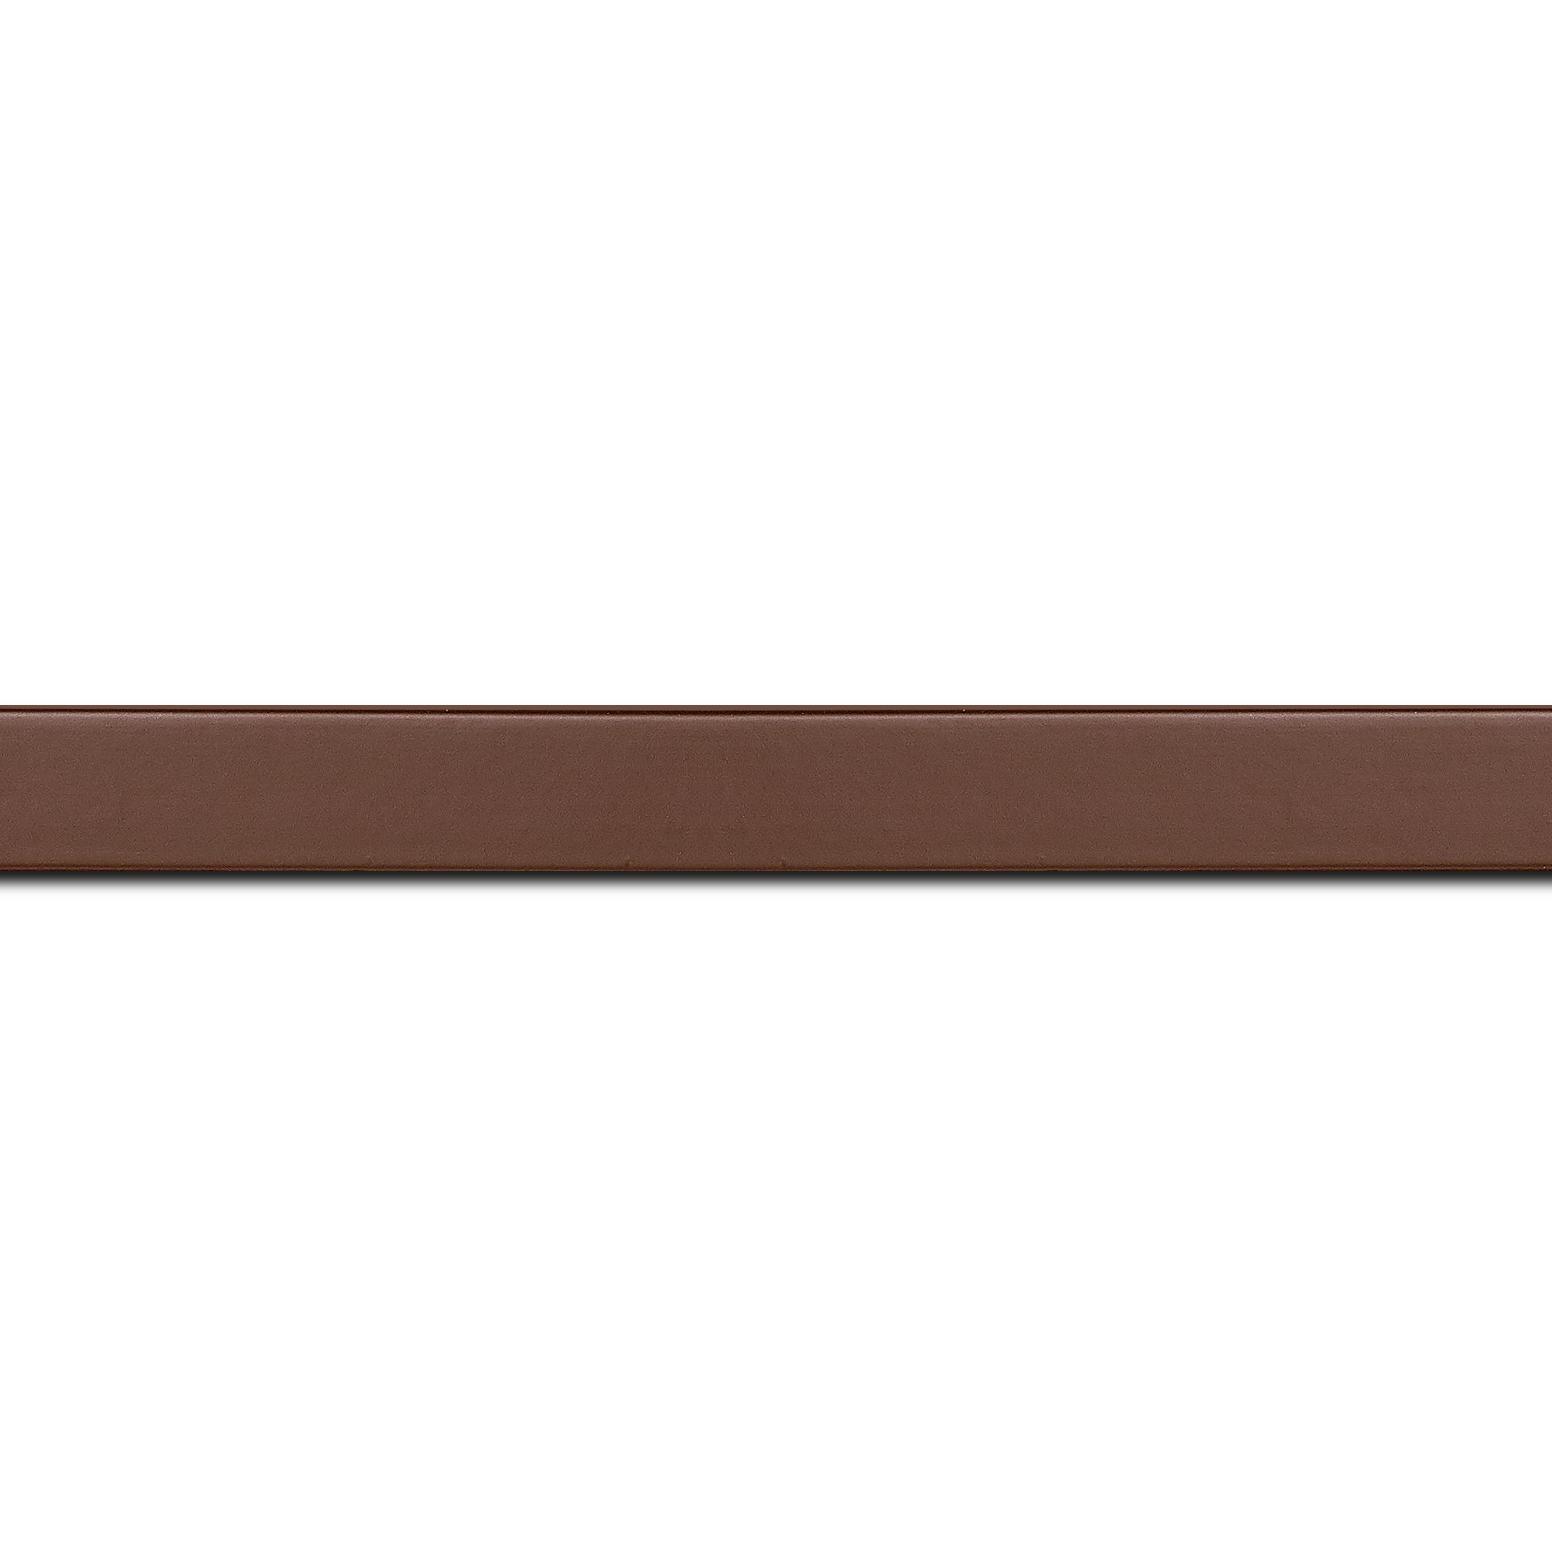 Baguette longueur 1.40m bois profil plat effet cube largeur 1.7cm couleur chocolat satiné